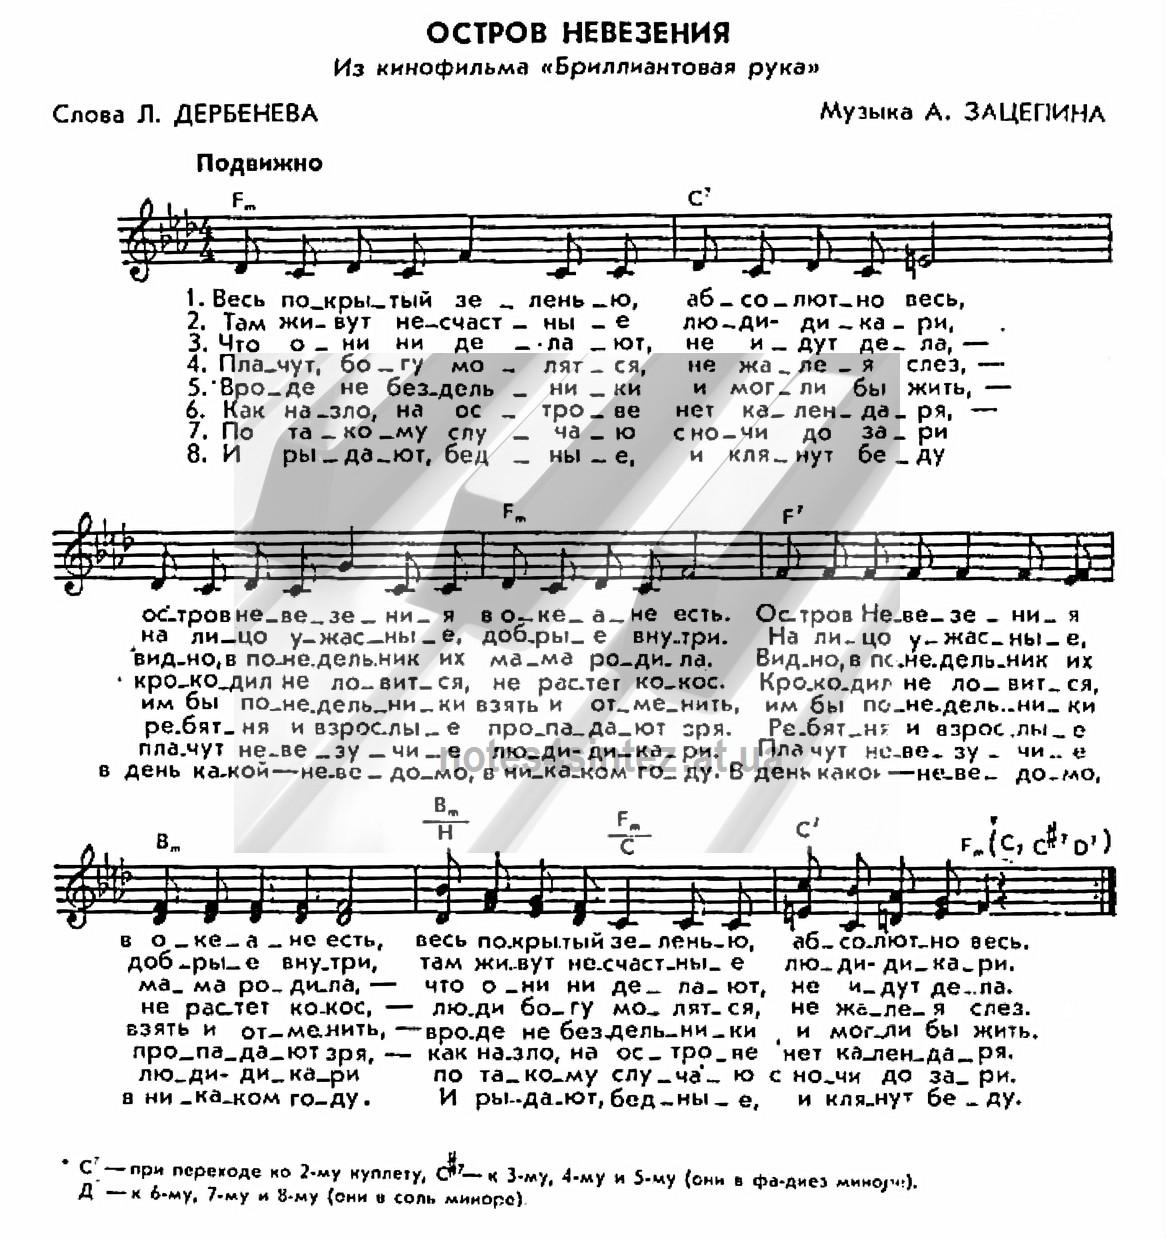 ПЕСНЯ ОСТРОВ НЕВЕЗЕНИЯ МИНУСОВКА СКАЧАТЬ БЕСПЛАТНО